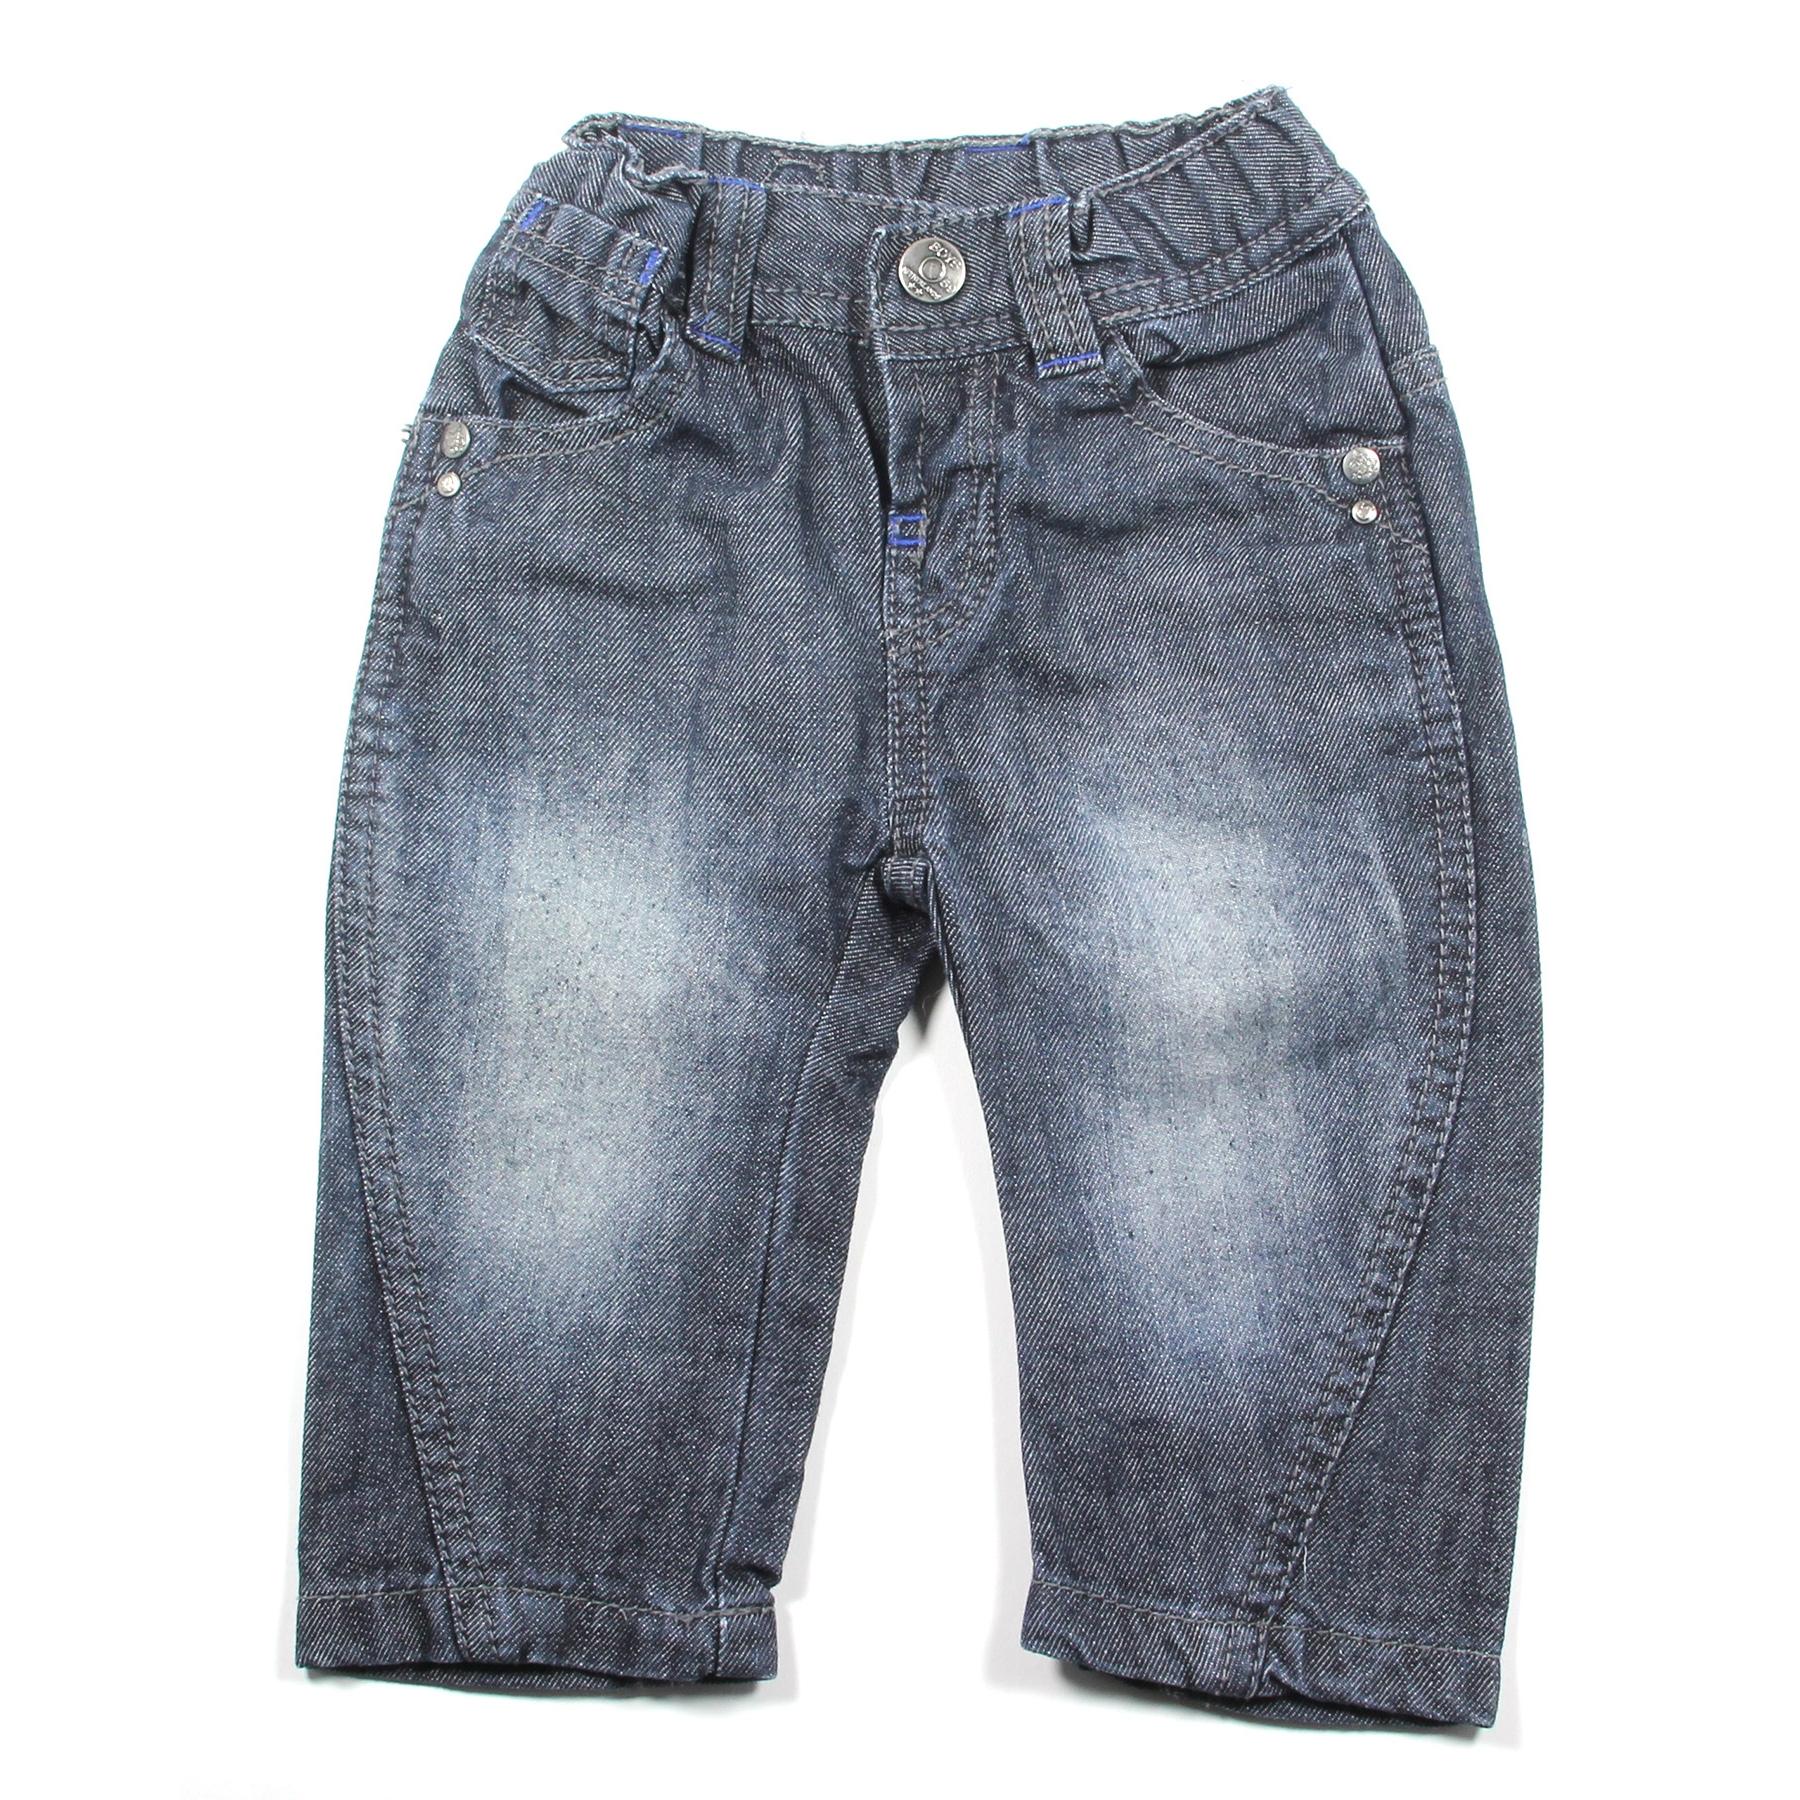 Kinderkleding Winkel Te Koop.Prenatal Jeans Blauw Maat 62 68 Bij Tweedehandjes Com